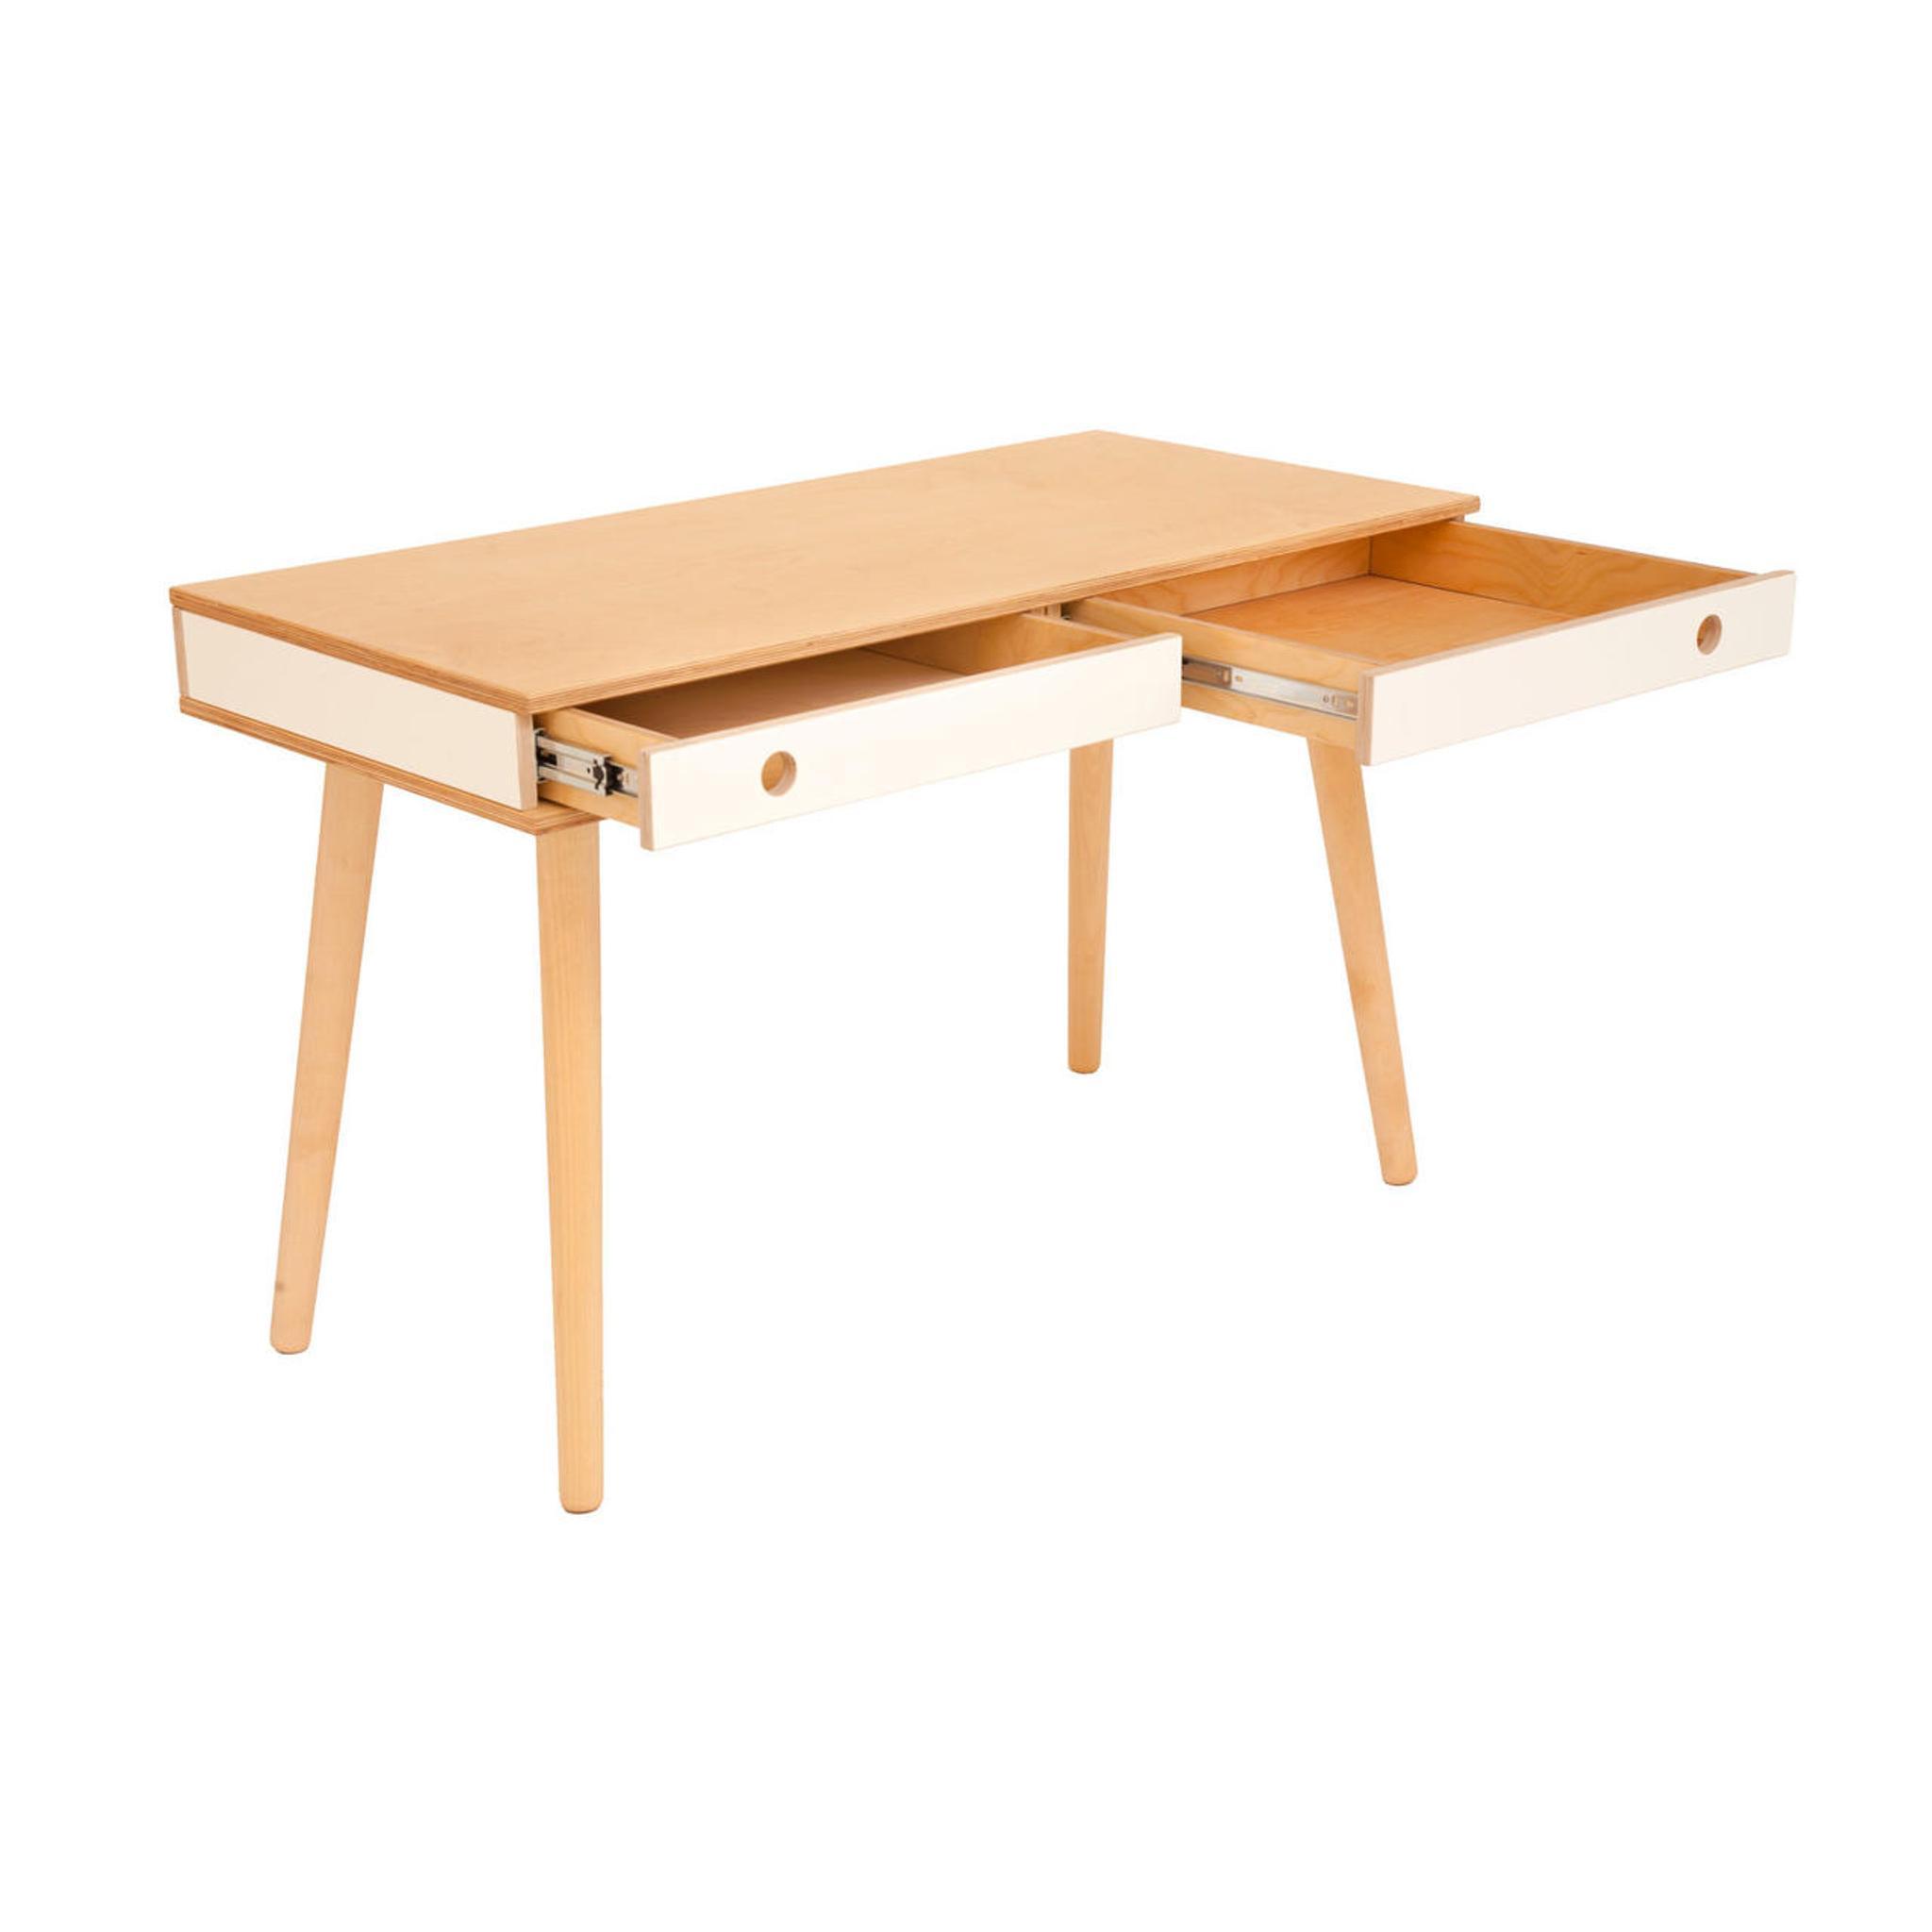 schreibtisch b rotisch aus holz skandinavisches design. Black Bedroom Furniture Sets. Home Design Ideas